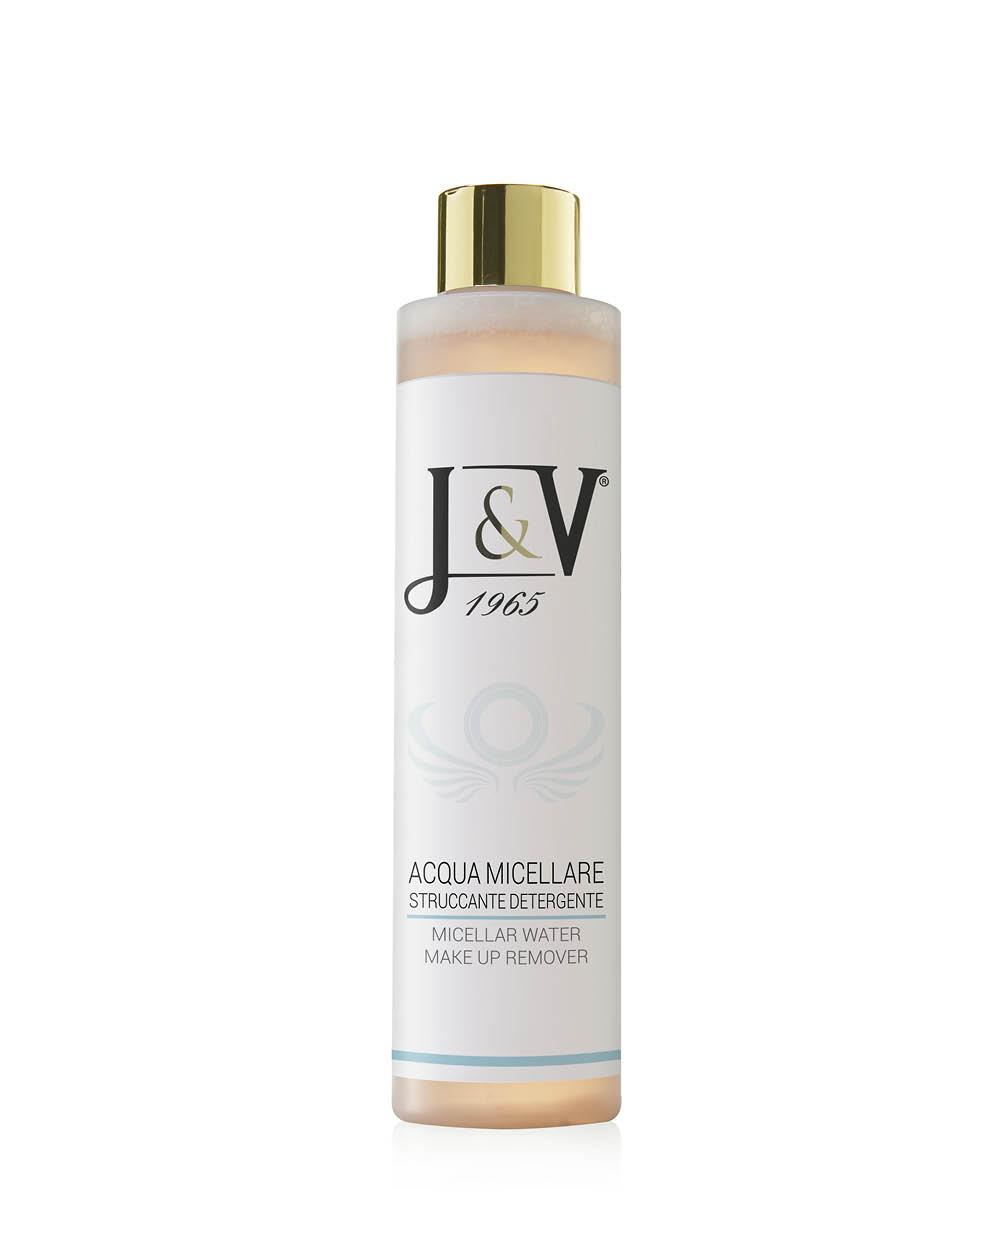 acqua micellare j&V